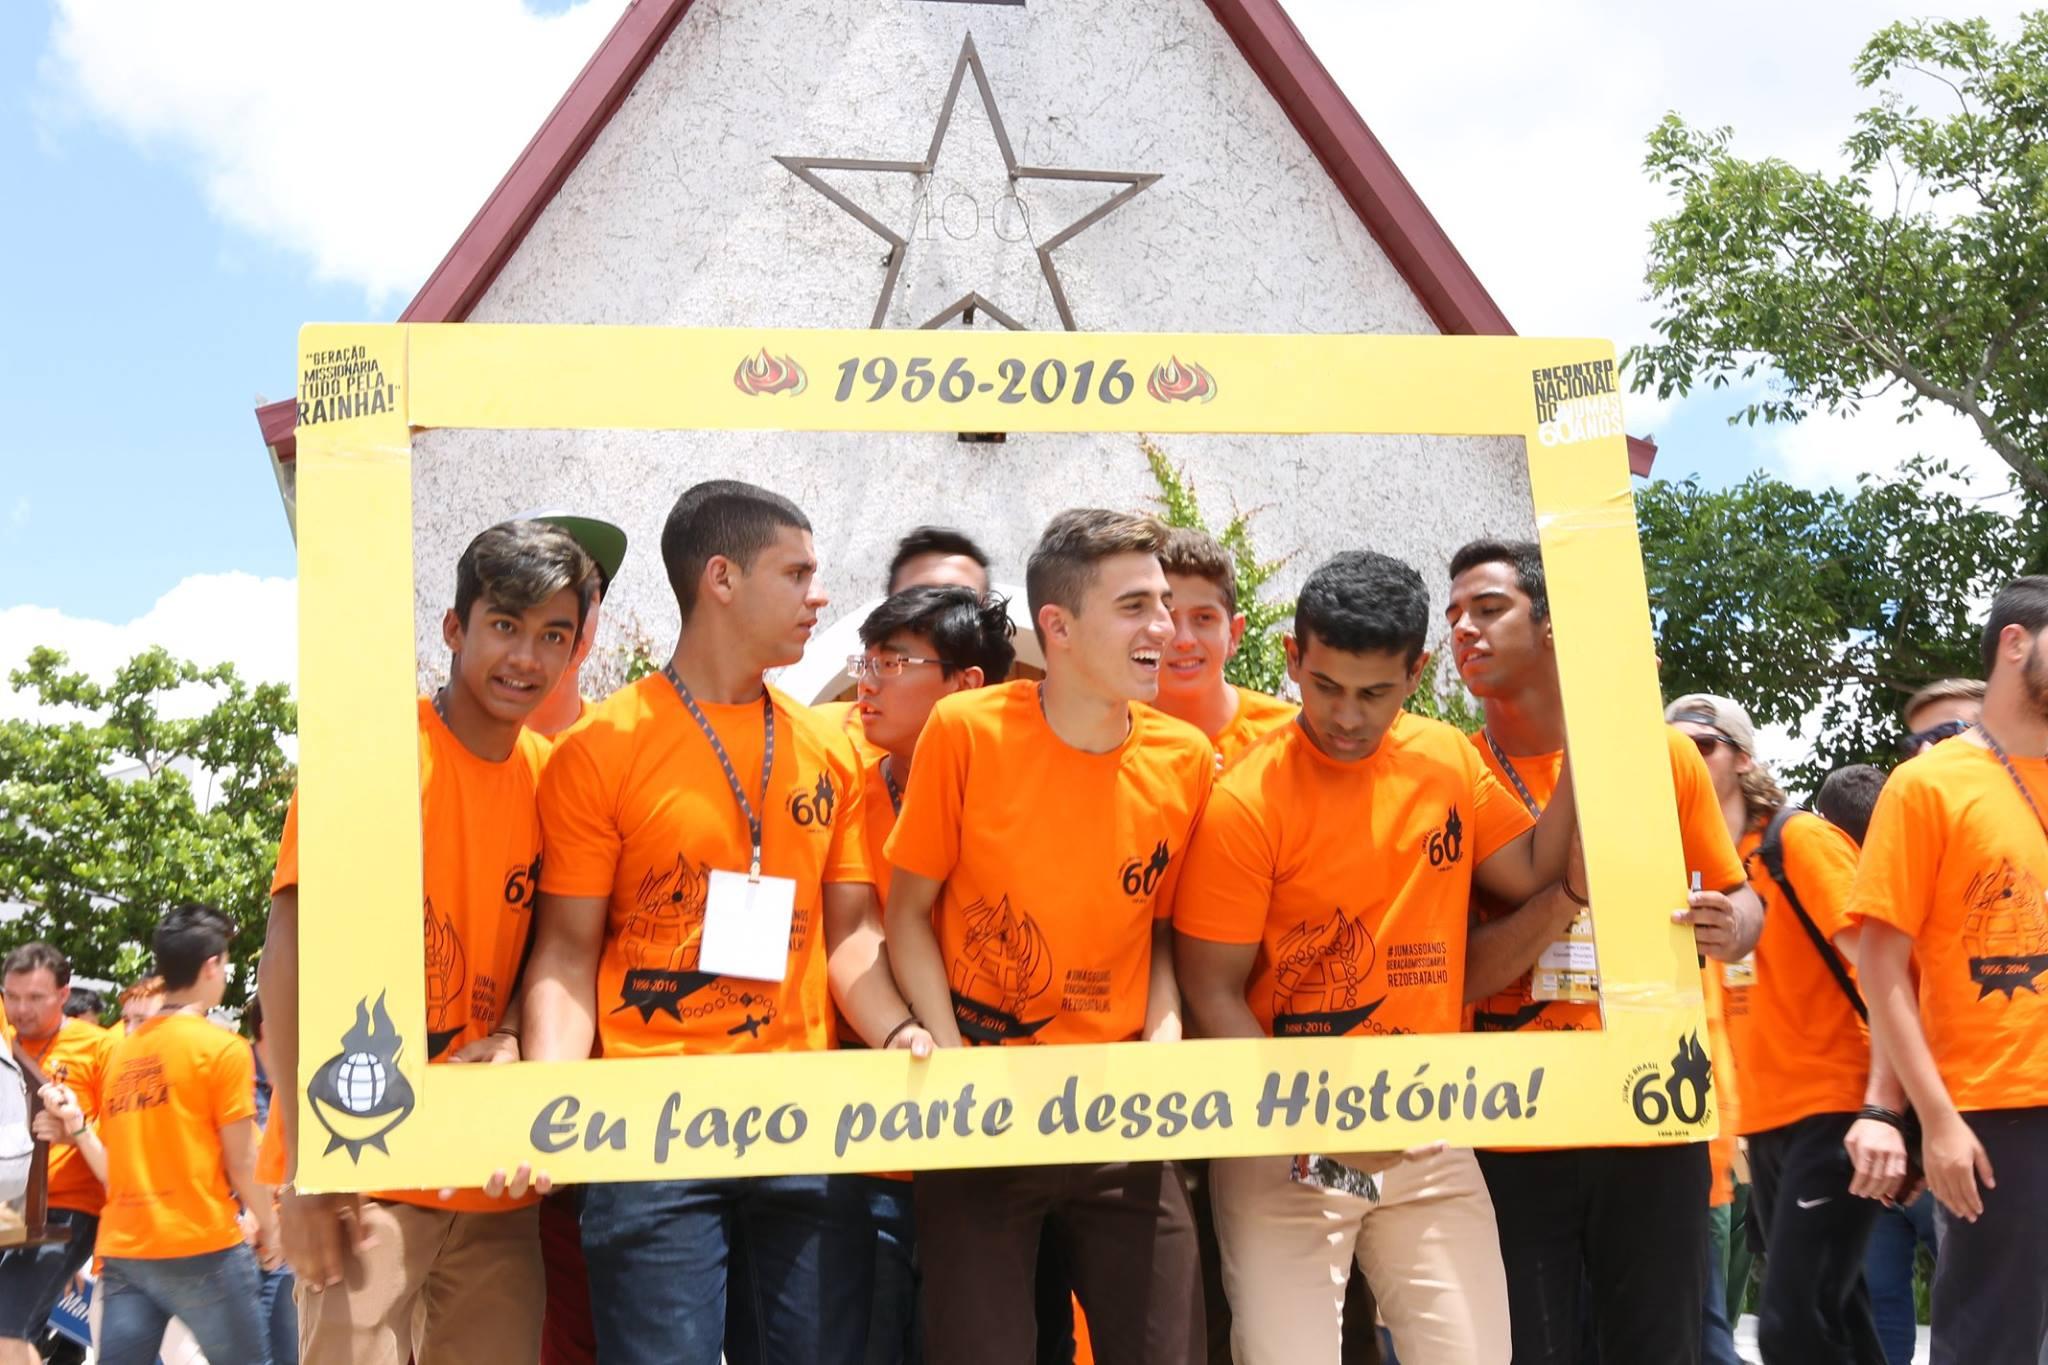 161118-jumas-brasil-60-03